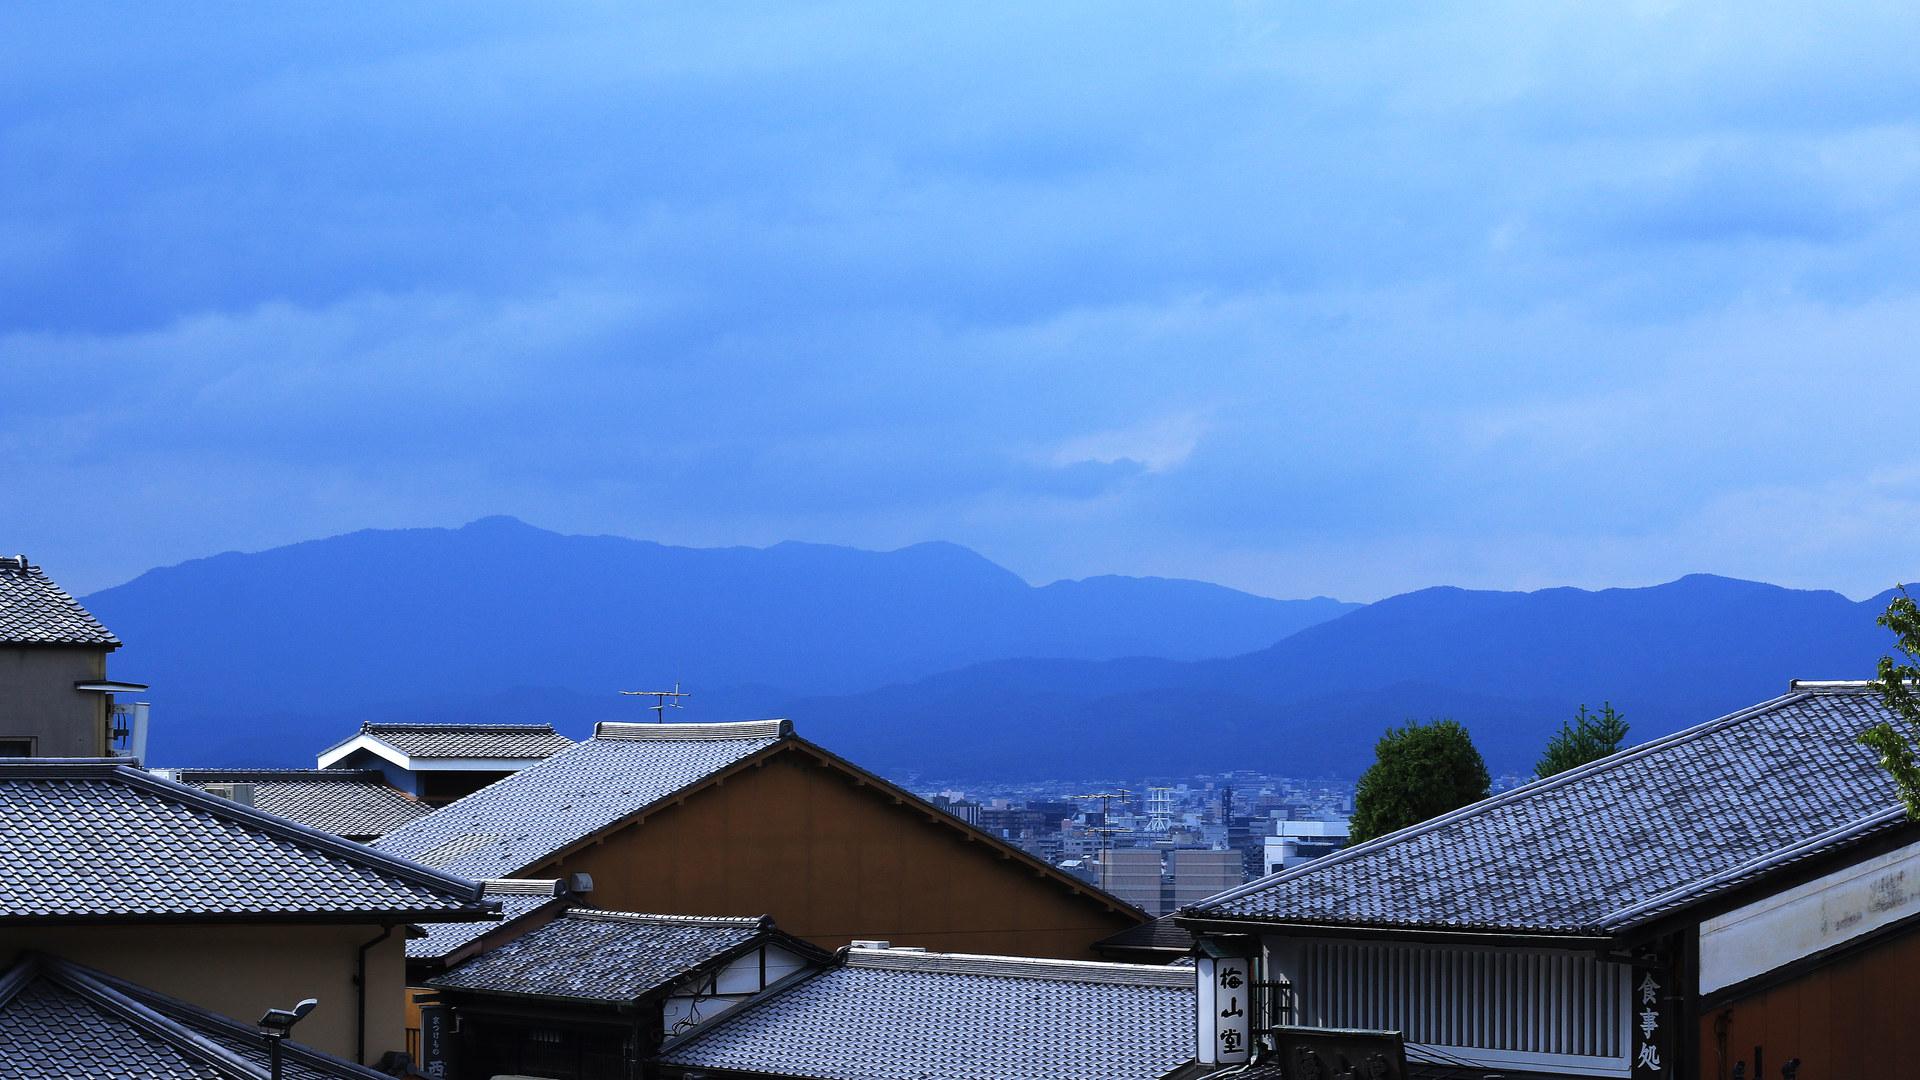 JAPAN IIII